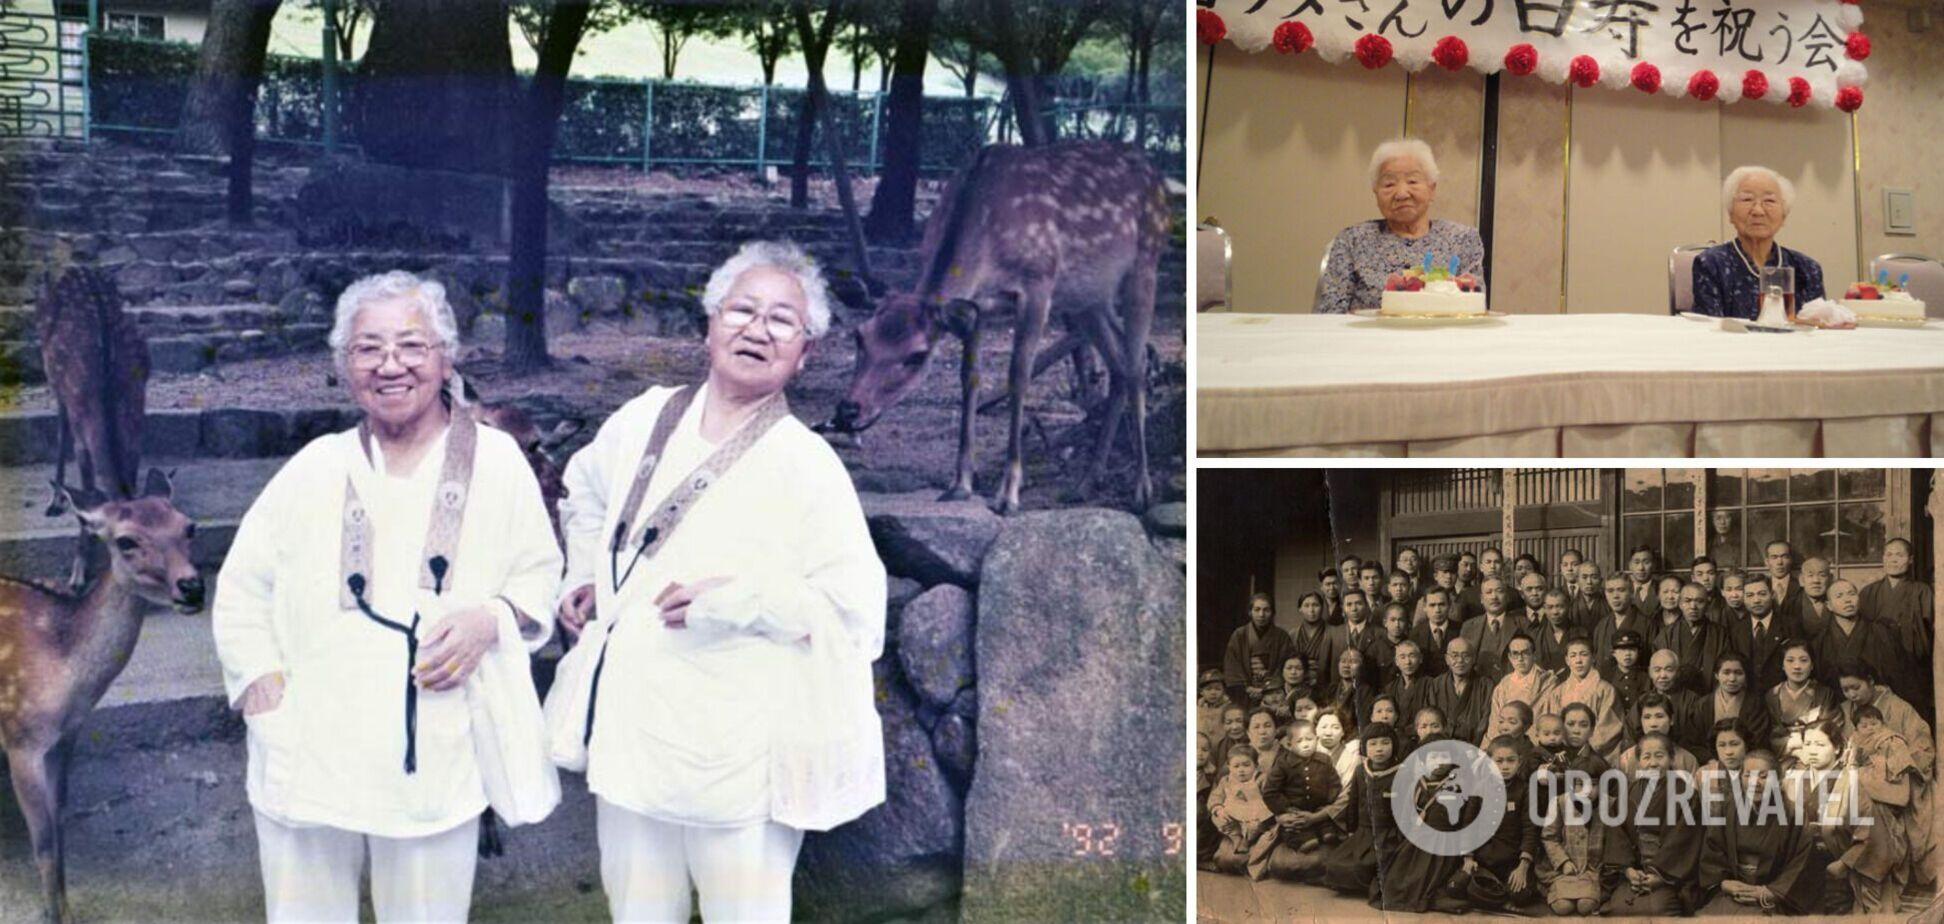 107-летних женщин признали самыми старыми близнецами в мире: секрет долголетия и фото